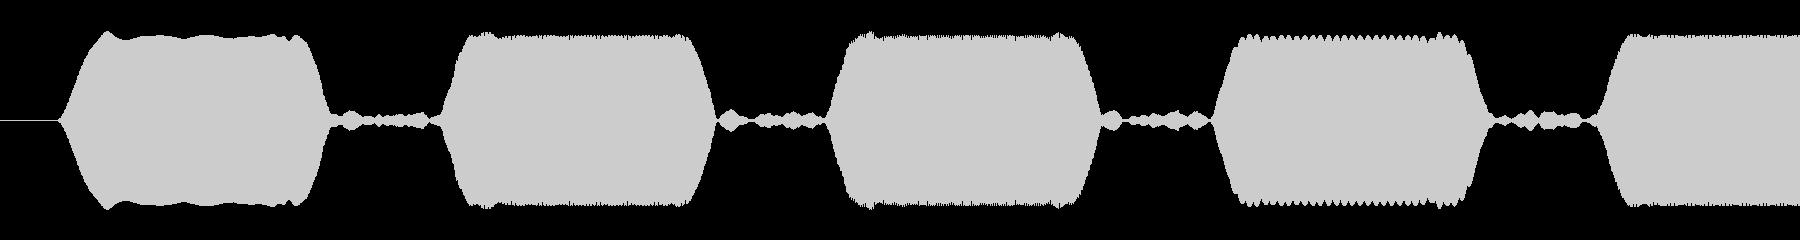 ビープ音-複数-短いの未再生の波形